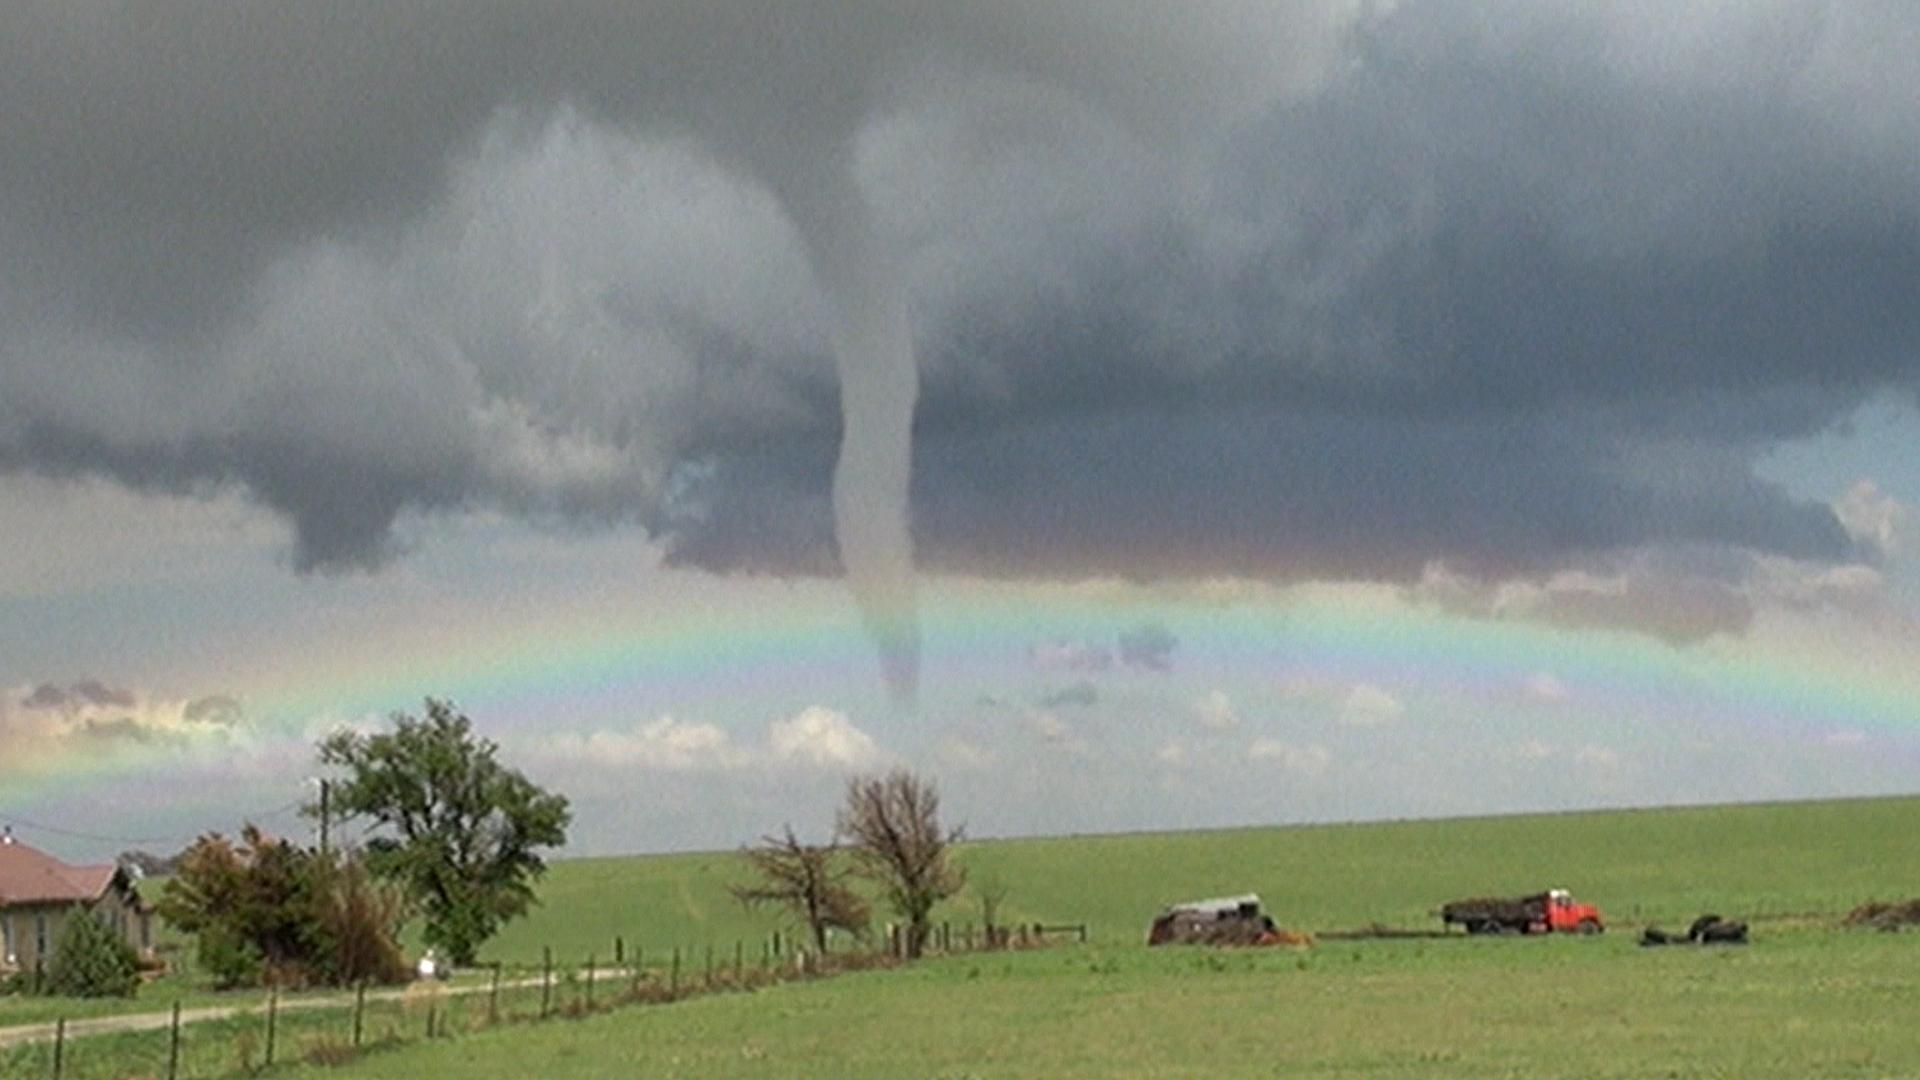 Next Stop Oz?: Watch as Rainbow Meets Tornado in Colorado